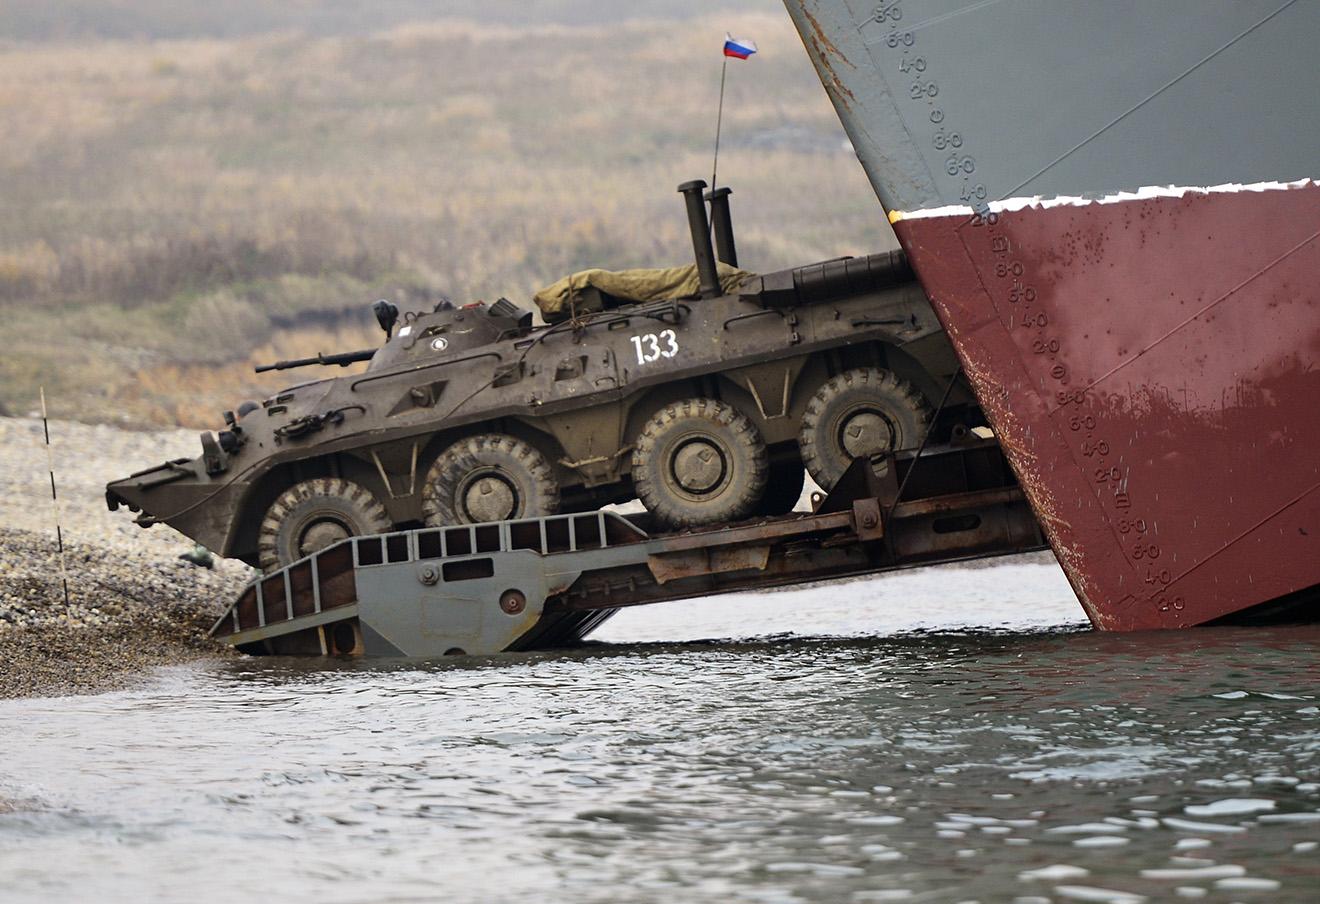 Высадка морского десанта во время зачетных тактических учений бригады морской пехоты Тихоокеанского флота ВМФ РФ на полигоне Клерк в Приморском крае.